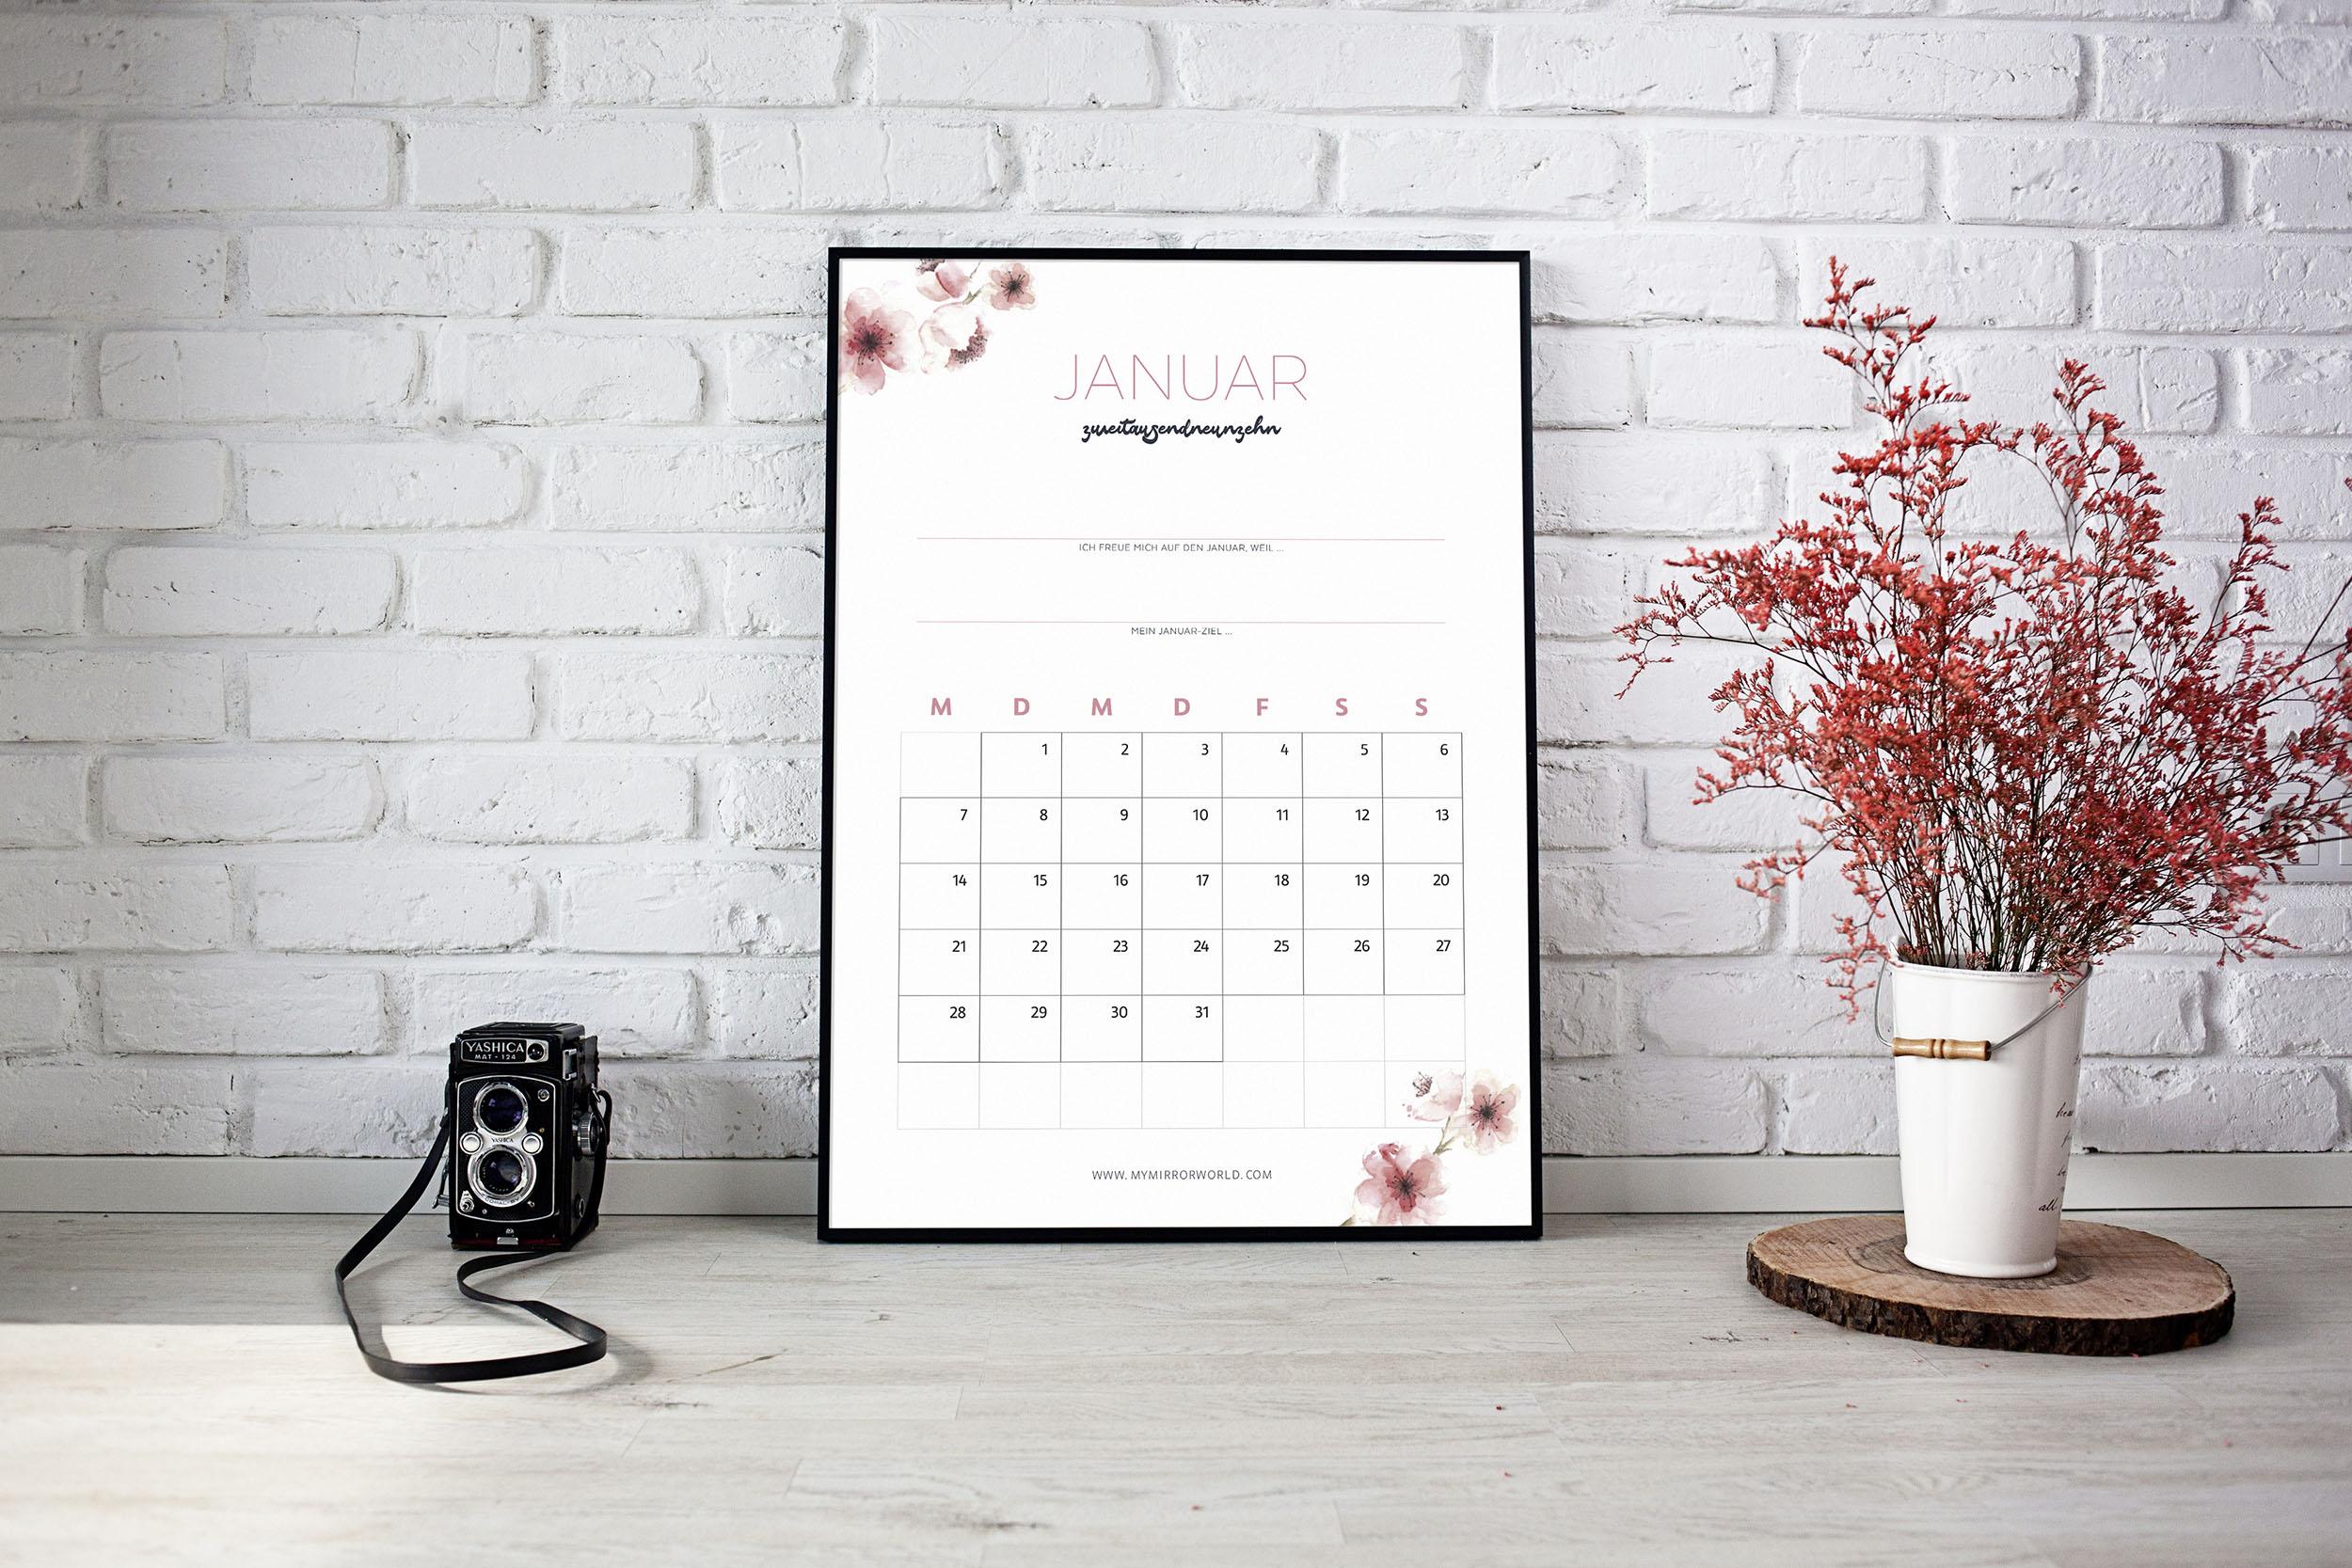 Kalender 2019 Zum Ausdrucken Inkl Anleitung Fur Mehr Achtsamkeit